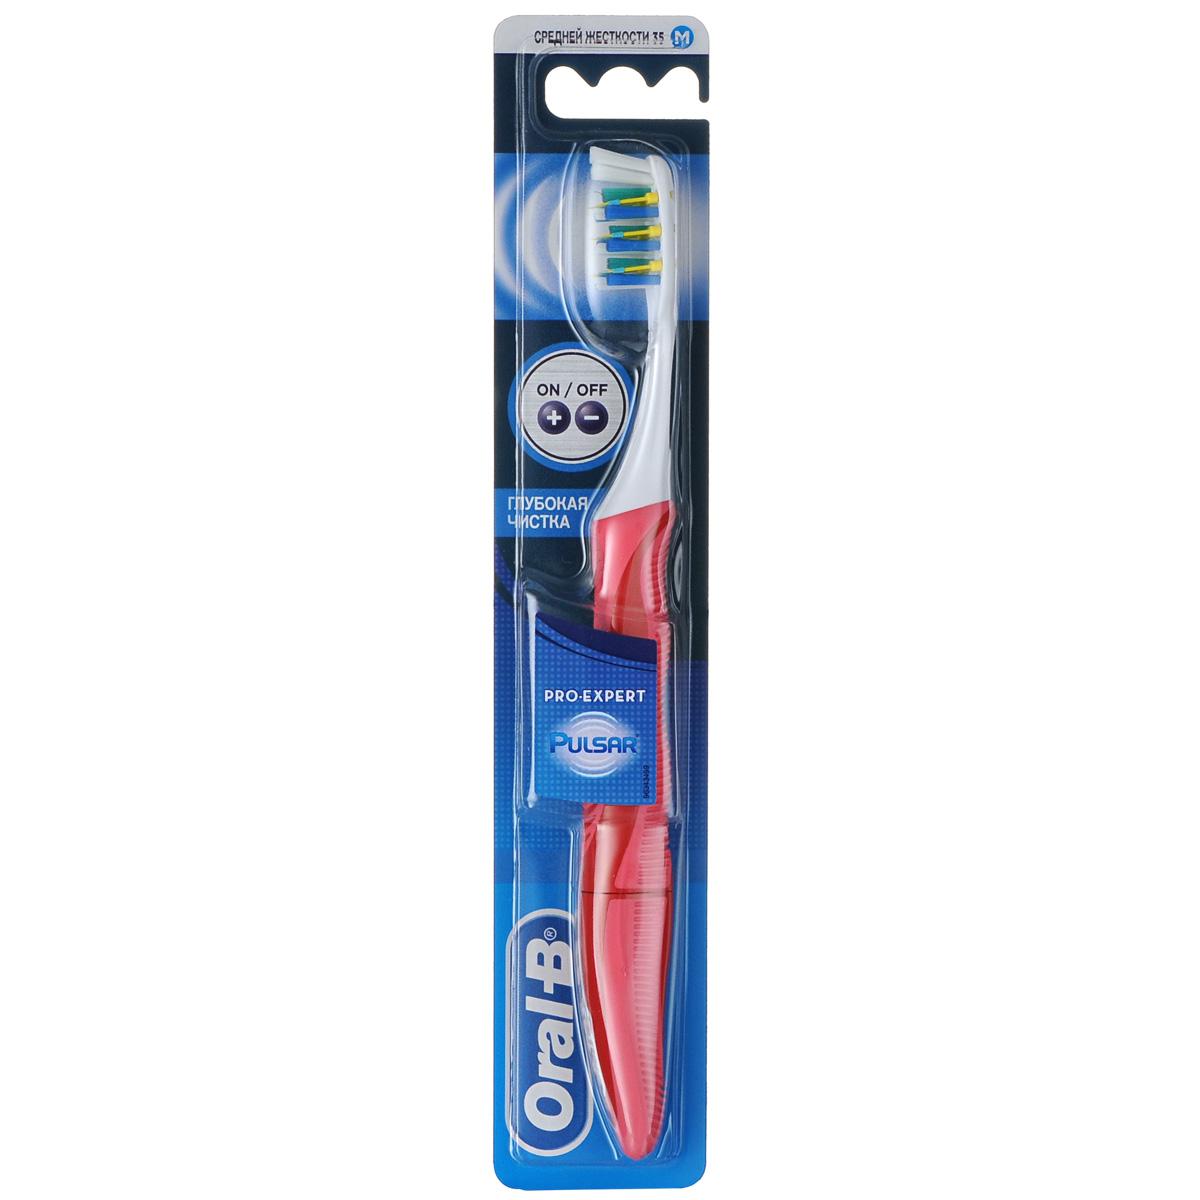 Oral-B Зубная щетка электрическая Pulsar Expert, средняя жесткость, цвет: красныйORL-81402824_краснаяЭлектрическая зубная щетка Oral-B Pulsar Expert глубоко очищает и стимулирует десна, бережно относится к мягким и твердым тканям ротовой полости. Её эргономичная, нескользящая ручка обеспечивает комфортное и безопасное использование. Вращательно-пульсирующее действие (вибрация) проникает глубоко между зубами и чистит вдоль десен. Инновационная, чувствительная к давлению расщепленная головка помогает регулировать силу давления, оказываемую на зубы и десна. Клинически доказано то, что данная зубная щетка обеспечивает лучшую чистку по сравнению с обычной зубной щеткой. Пульсирующее действие создает невероятное ощущение чистки, благодаря которому хочется чистить зубы дольше. Работает от батарейки, путем нажатия клавиш on\off. Внутри установлена 1 одноразовая несменная батарейка Duracell, которая обеспечивает работу в течение 3-4 месяцев.